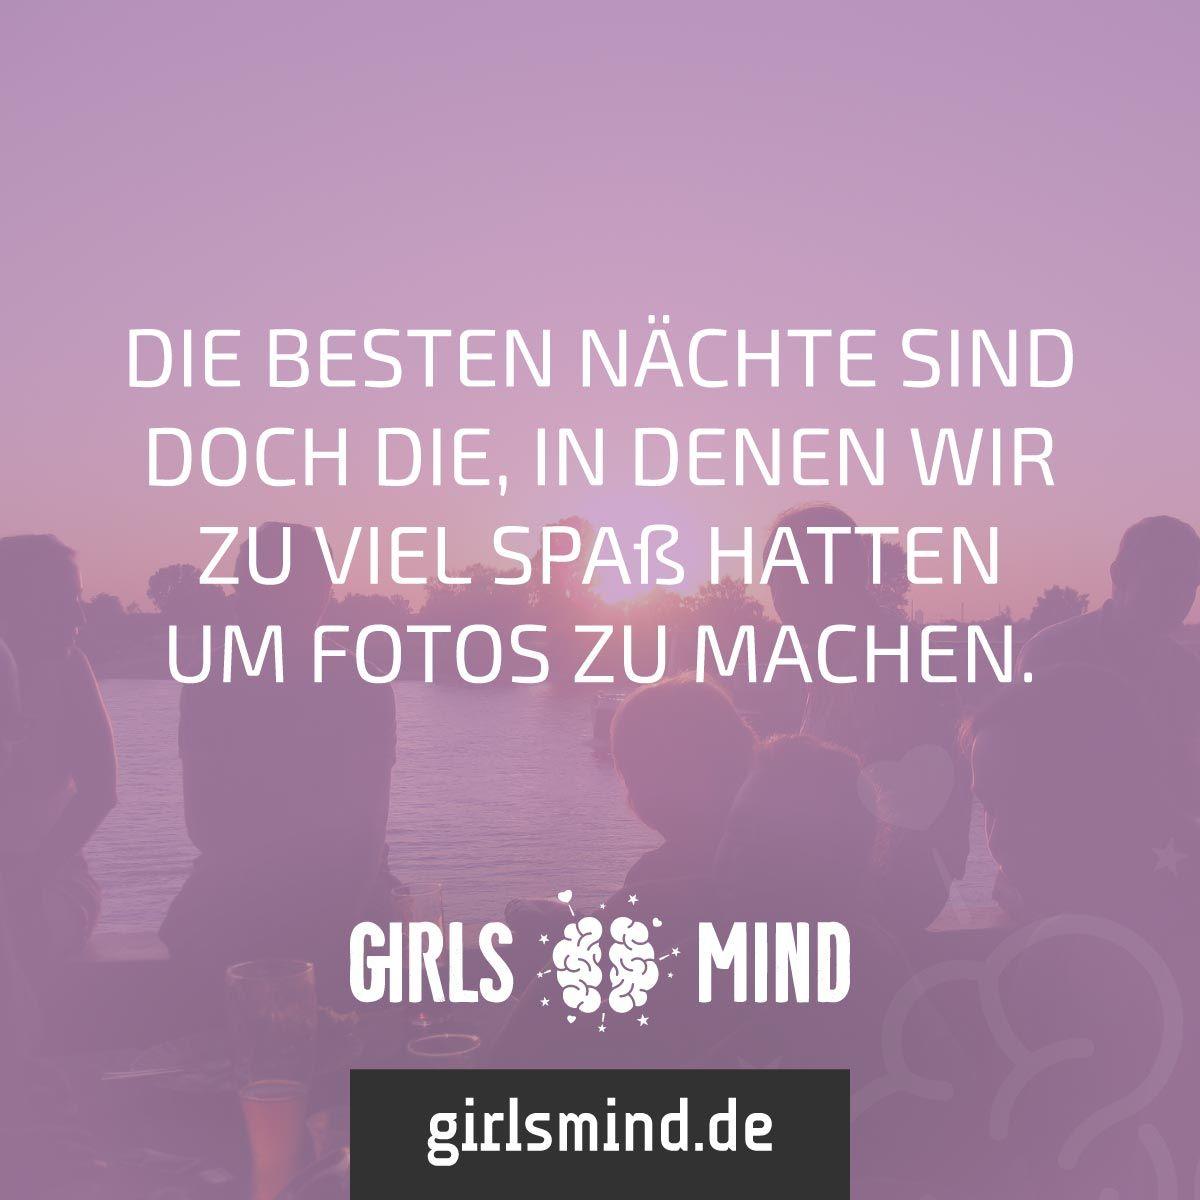 Viel Spaß heute Abend! Mehr Sprüche auf: .girlsmind.de #party